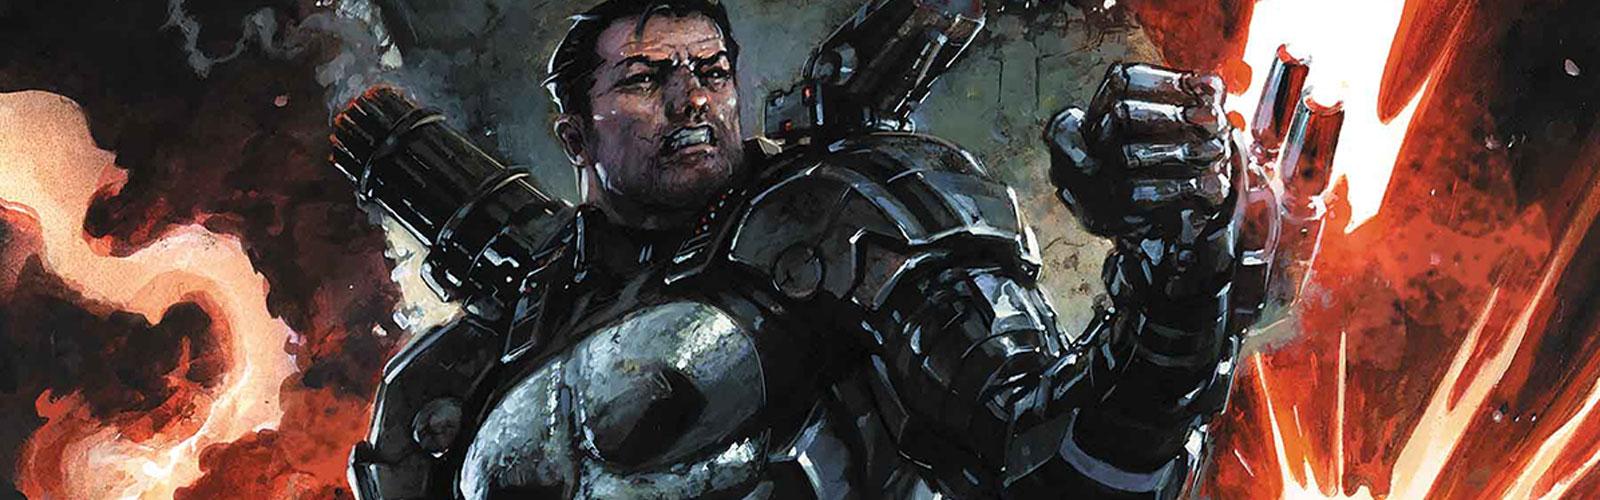 Solicitations: November 2017 - Marvel Comics